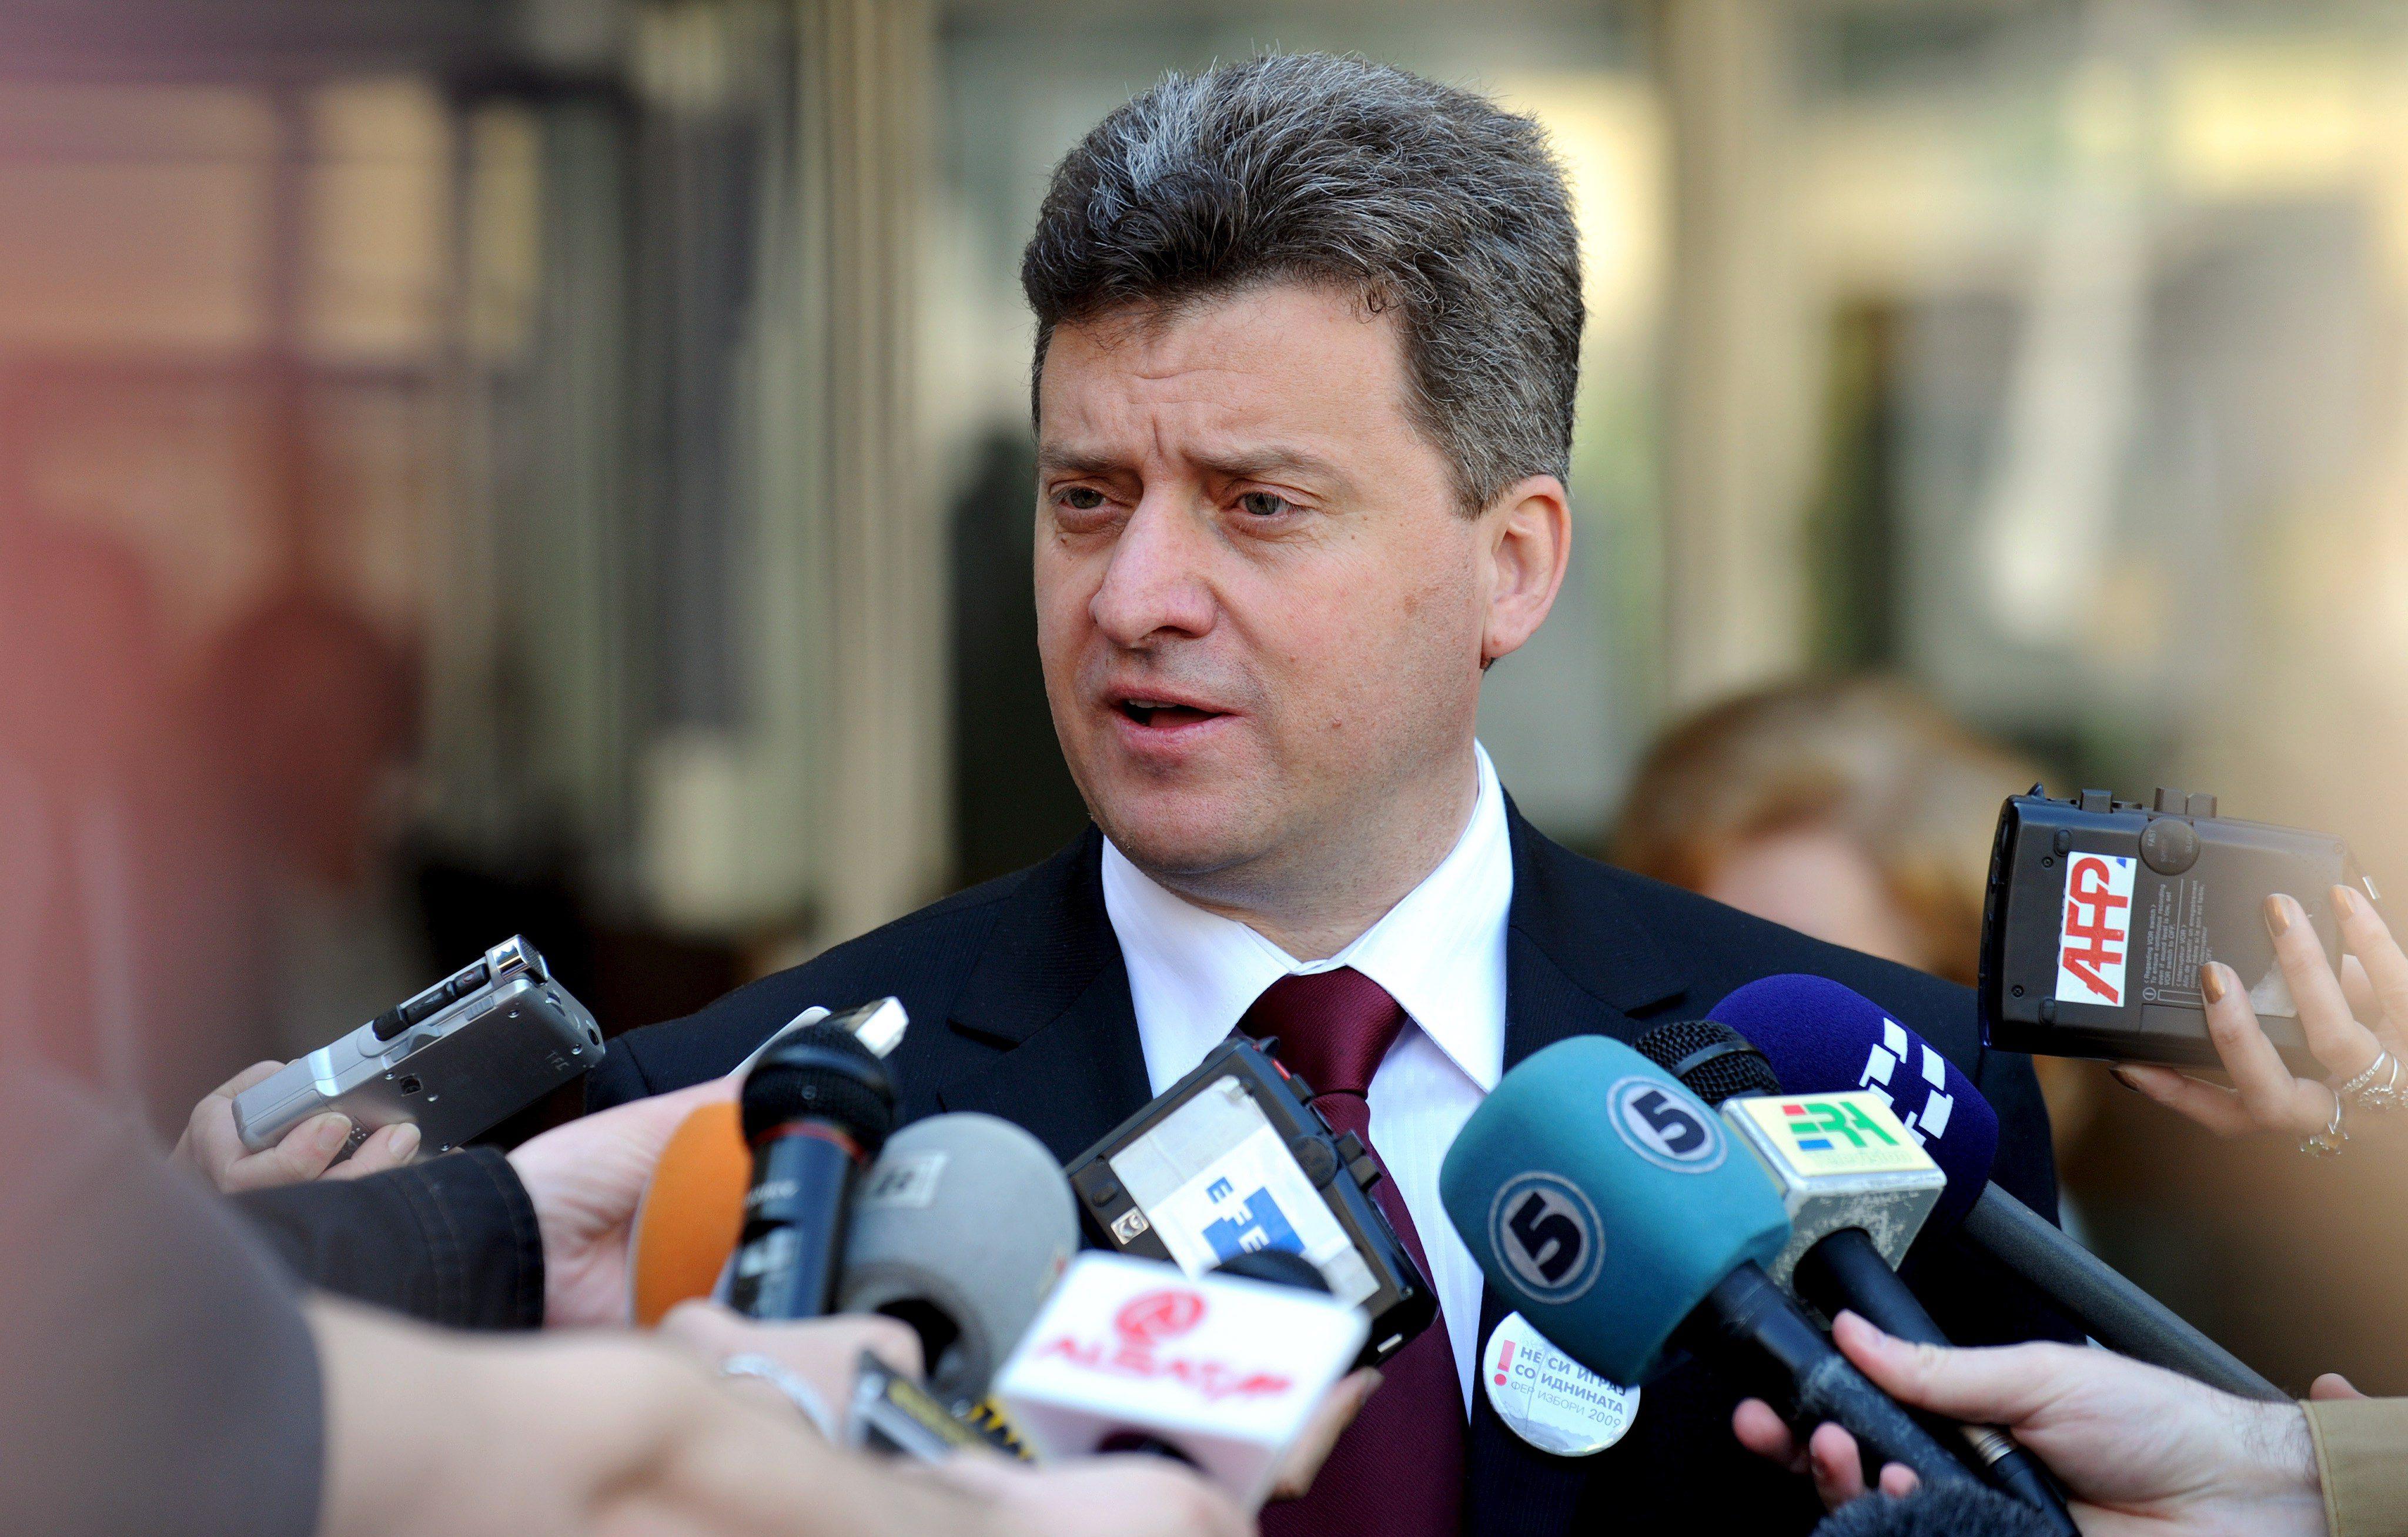 Ο Ιβανόφ απαντά στην απειλή Ζάεφ: Αν θες κατάθεσε πρόταση μομφής | tovima.gr